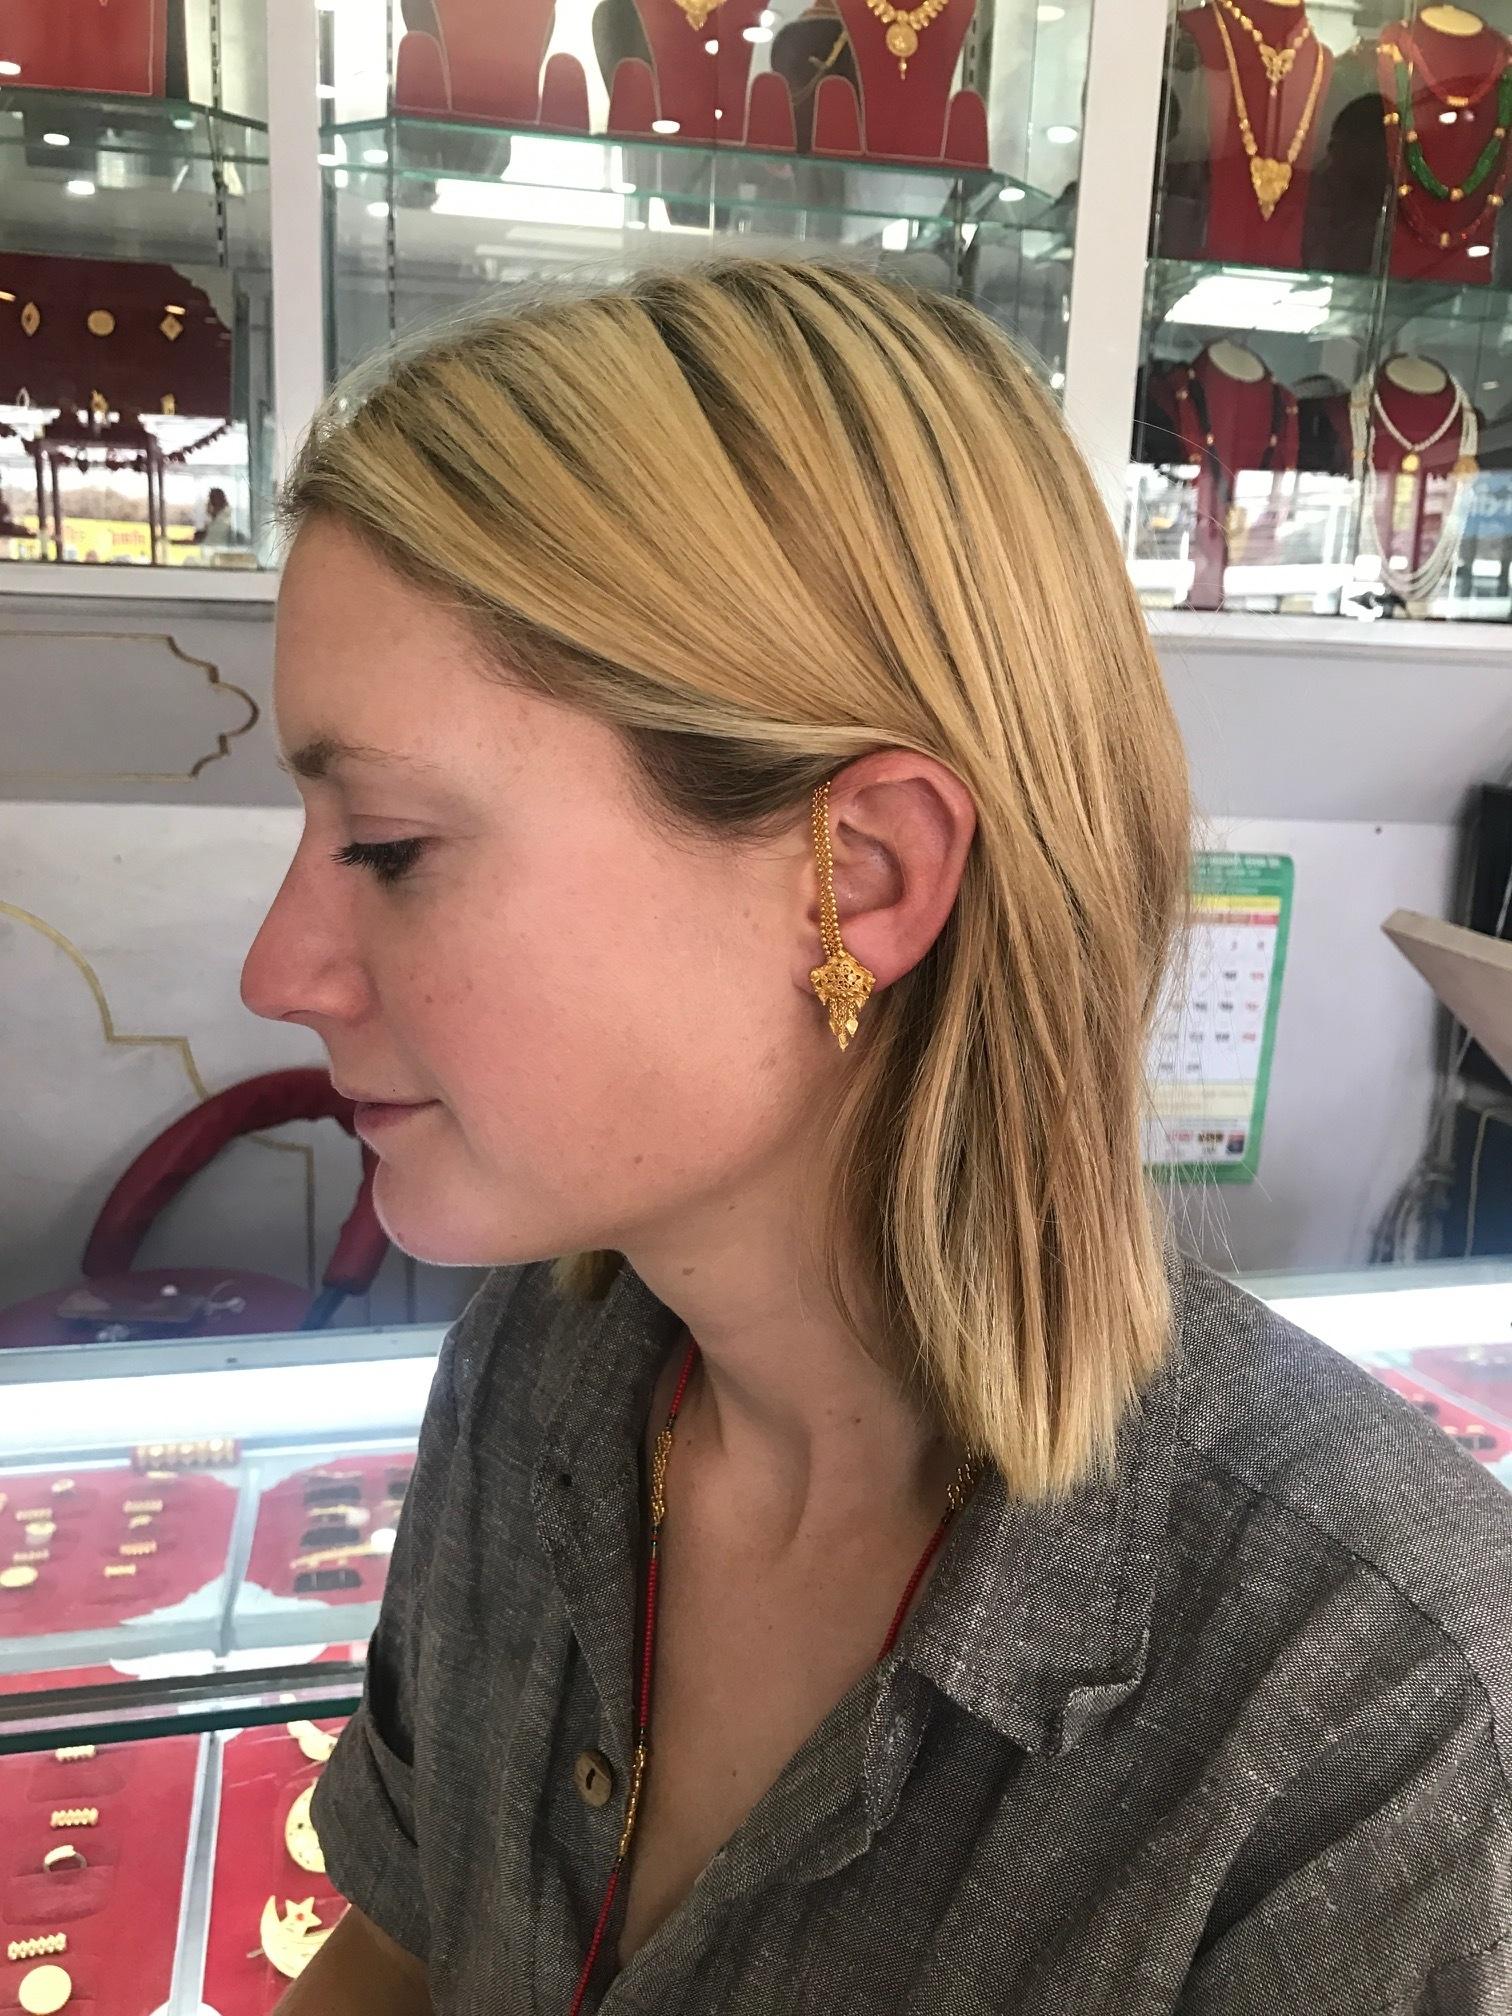 Ali's new earrings